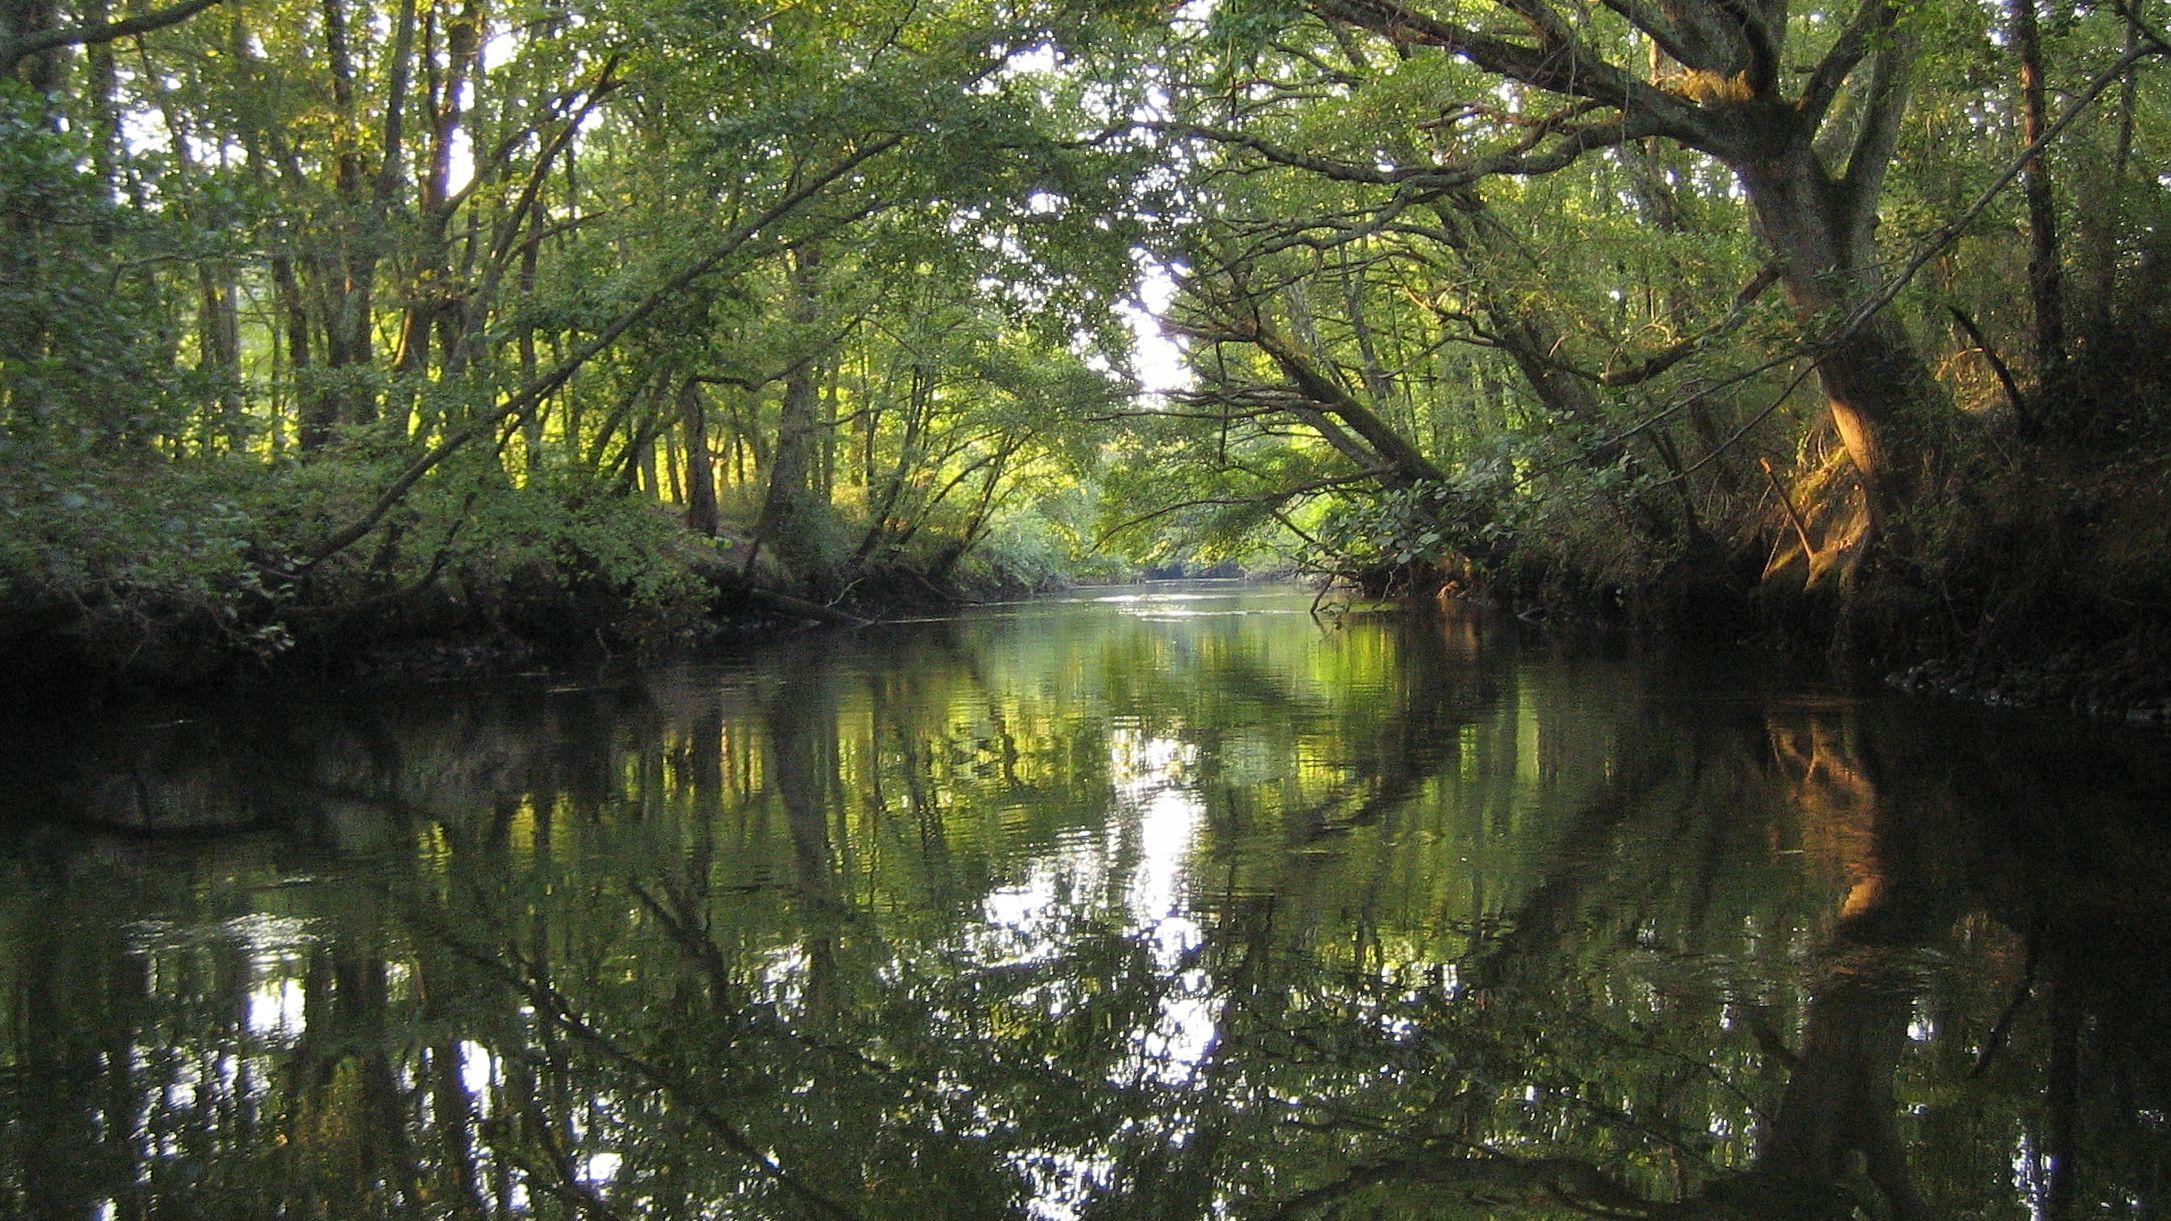 Balade découverte au bord de la Leyre : les chauves-souris - Agenda Nature du Teich